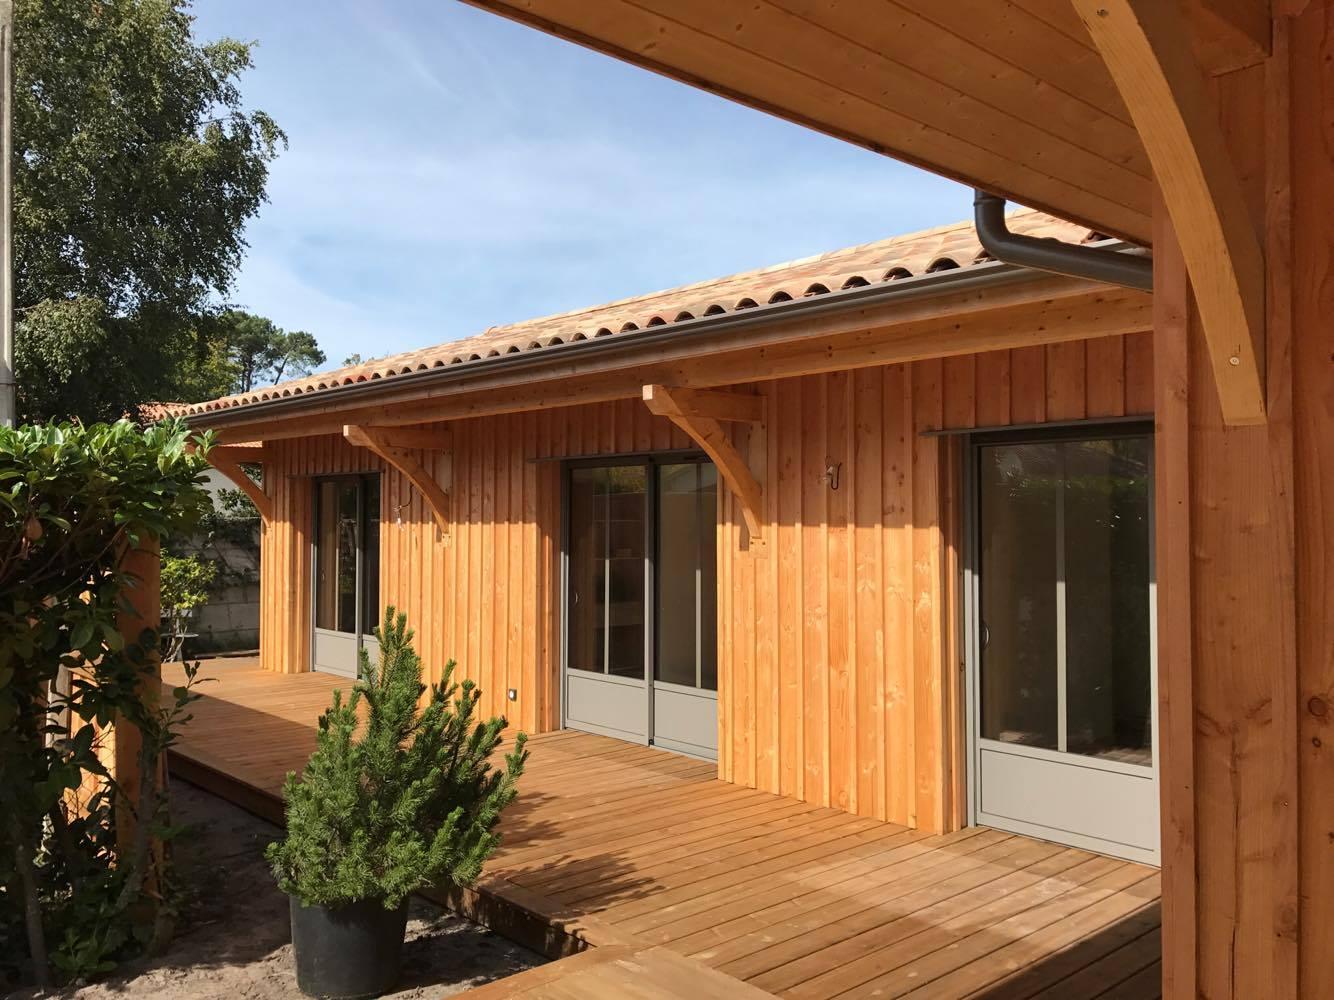 Bardage Bois Vertical Interieur maison à ossature bois à bardage vertical à lacanau